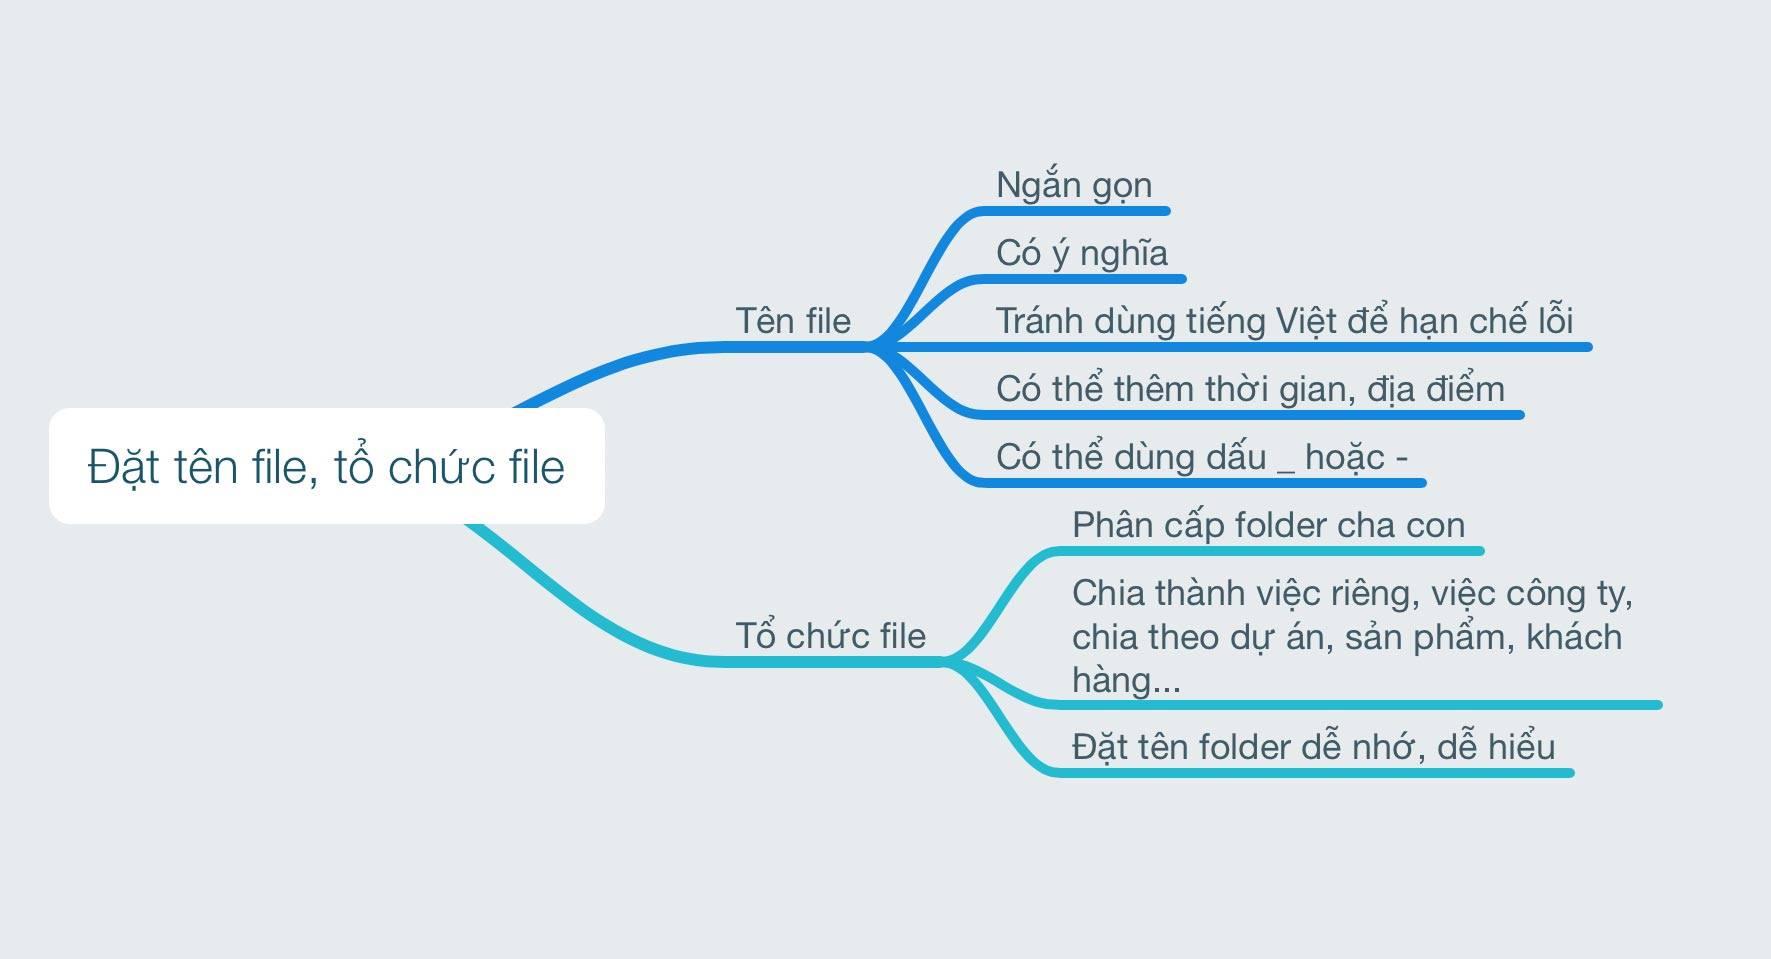 2- cách lưu trữ tài liệu và tổ chức thư mục hiệu quả